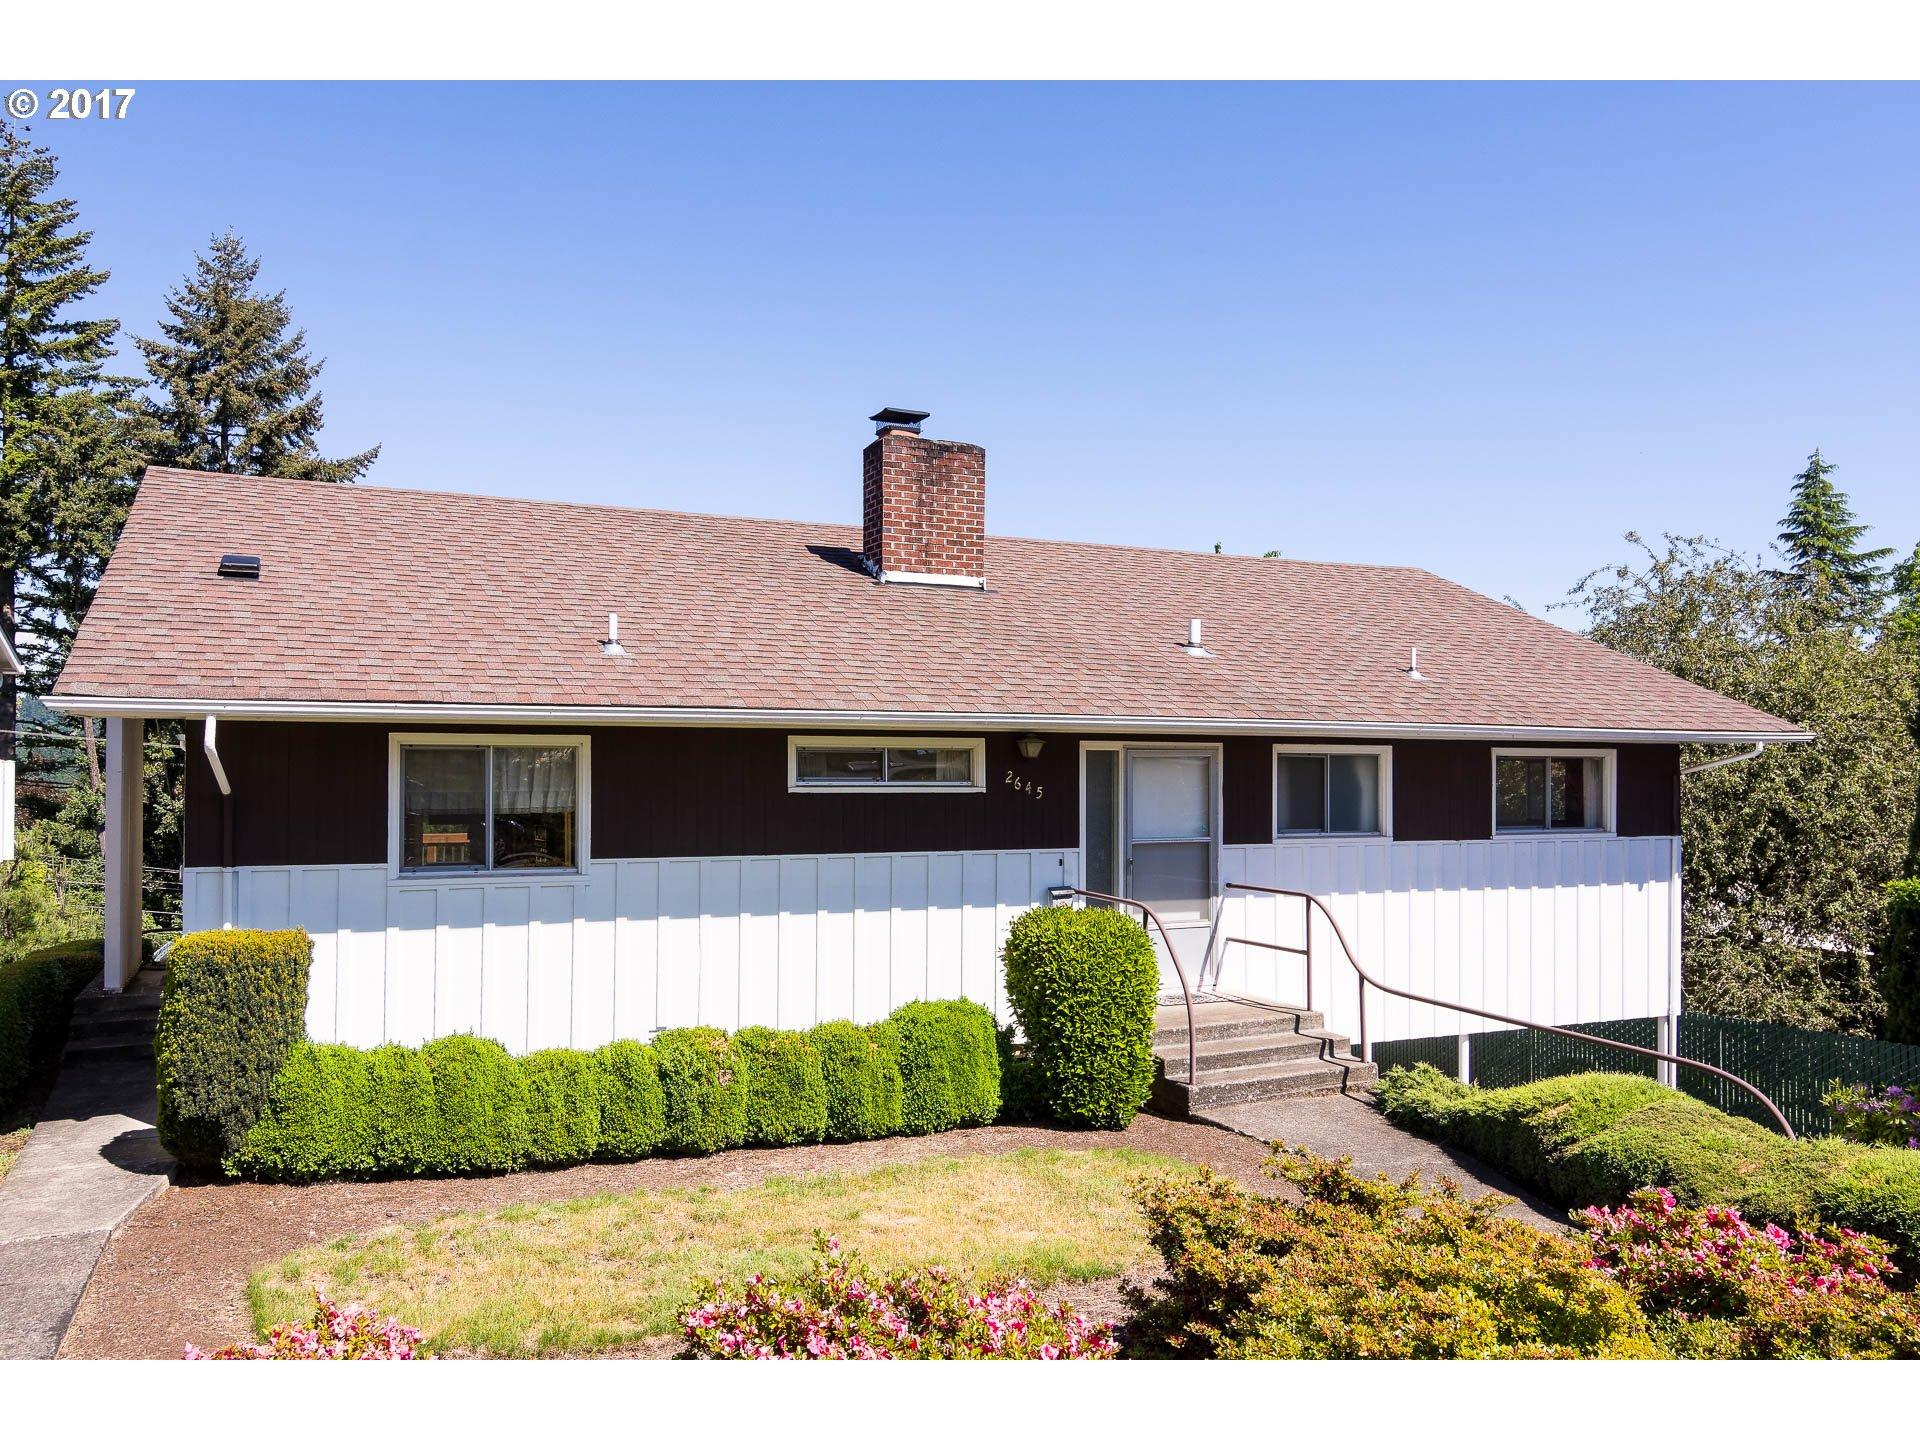 2645 LINCOLN ST, Eugene OR 97405